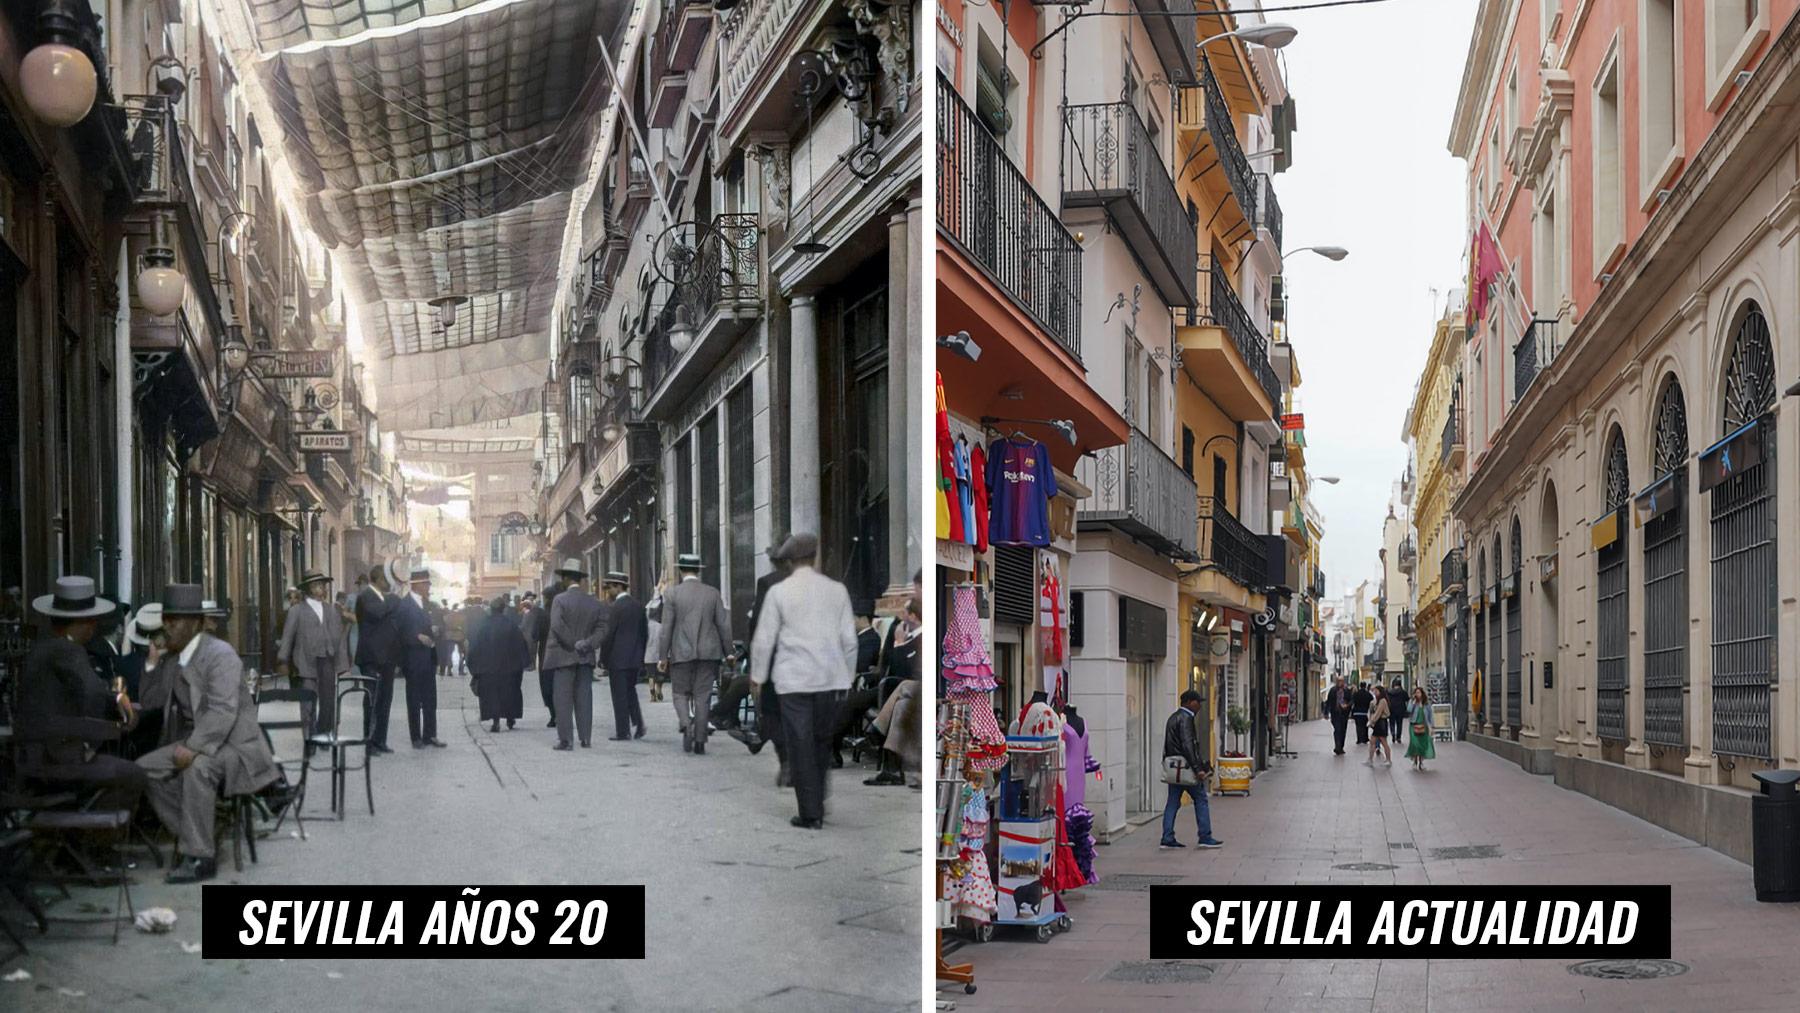 Toldos en la calle Sierpes de Sevilla en los años 20 y la misma calle a día de hoy.